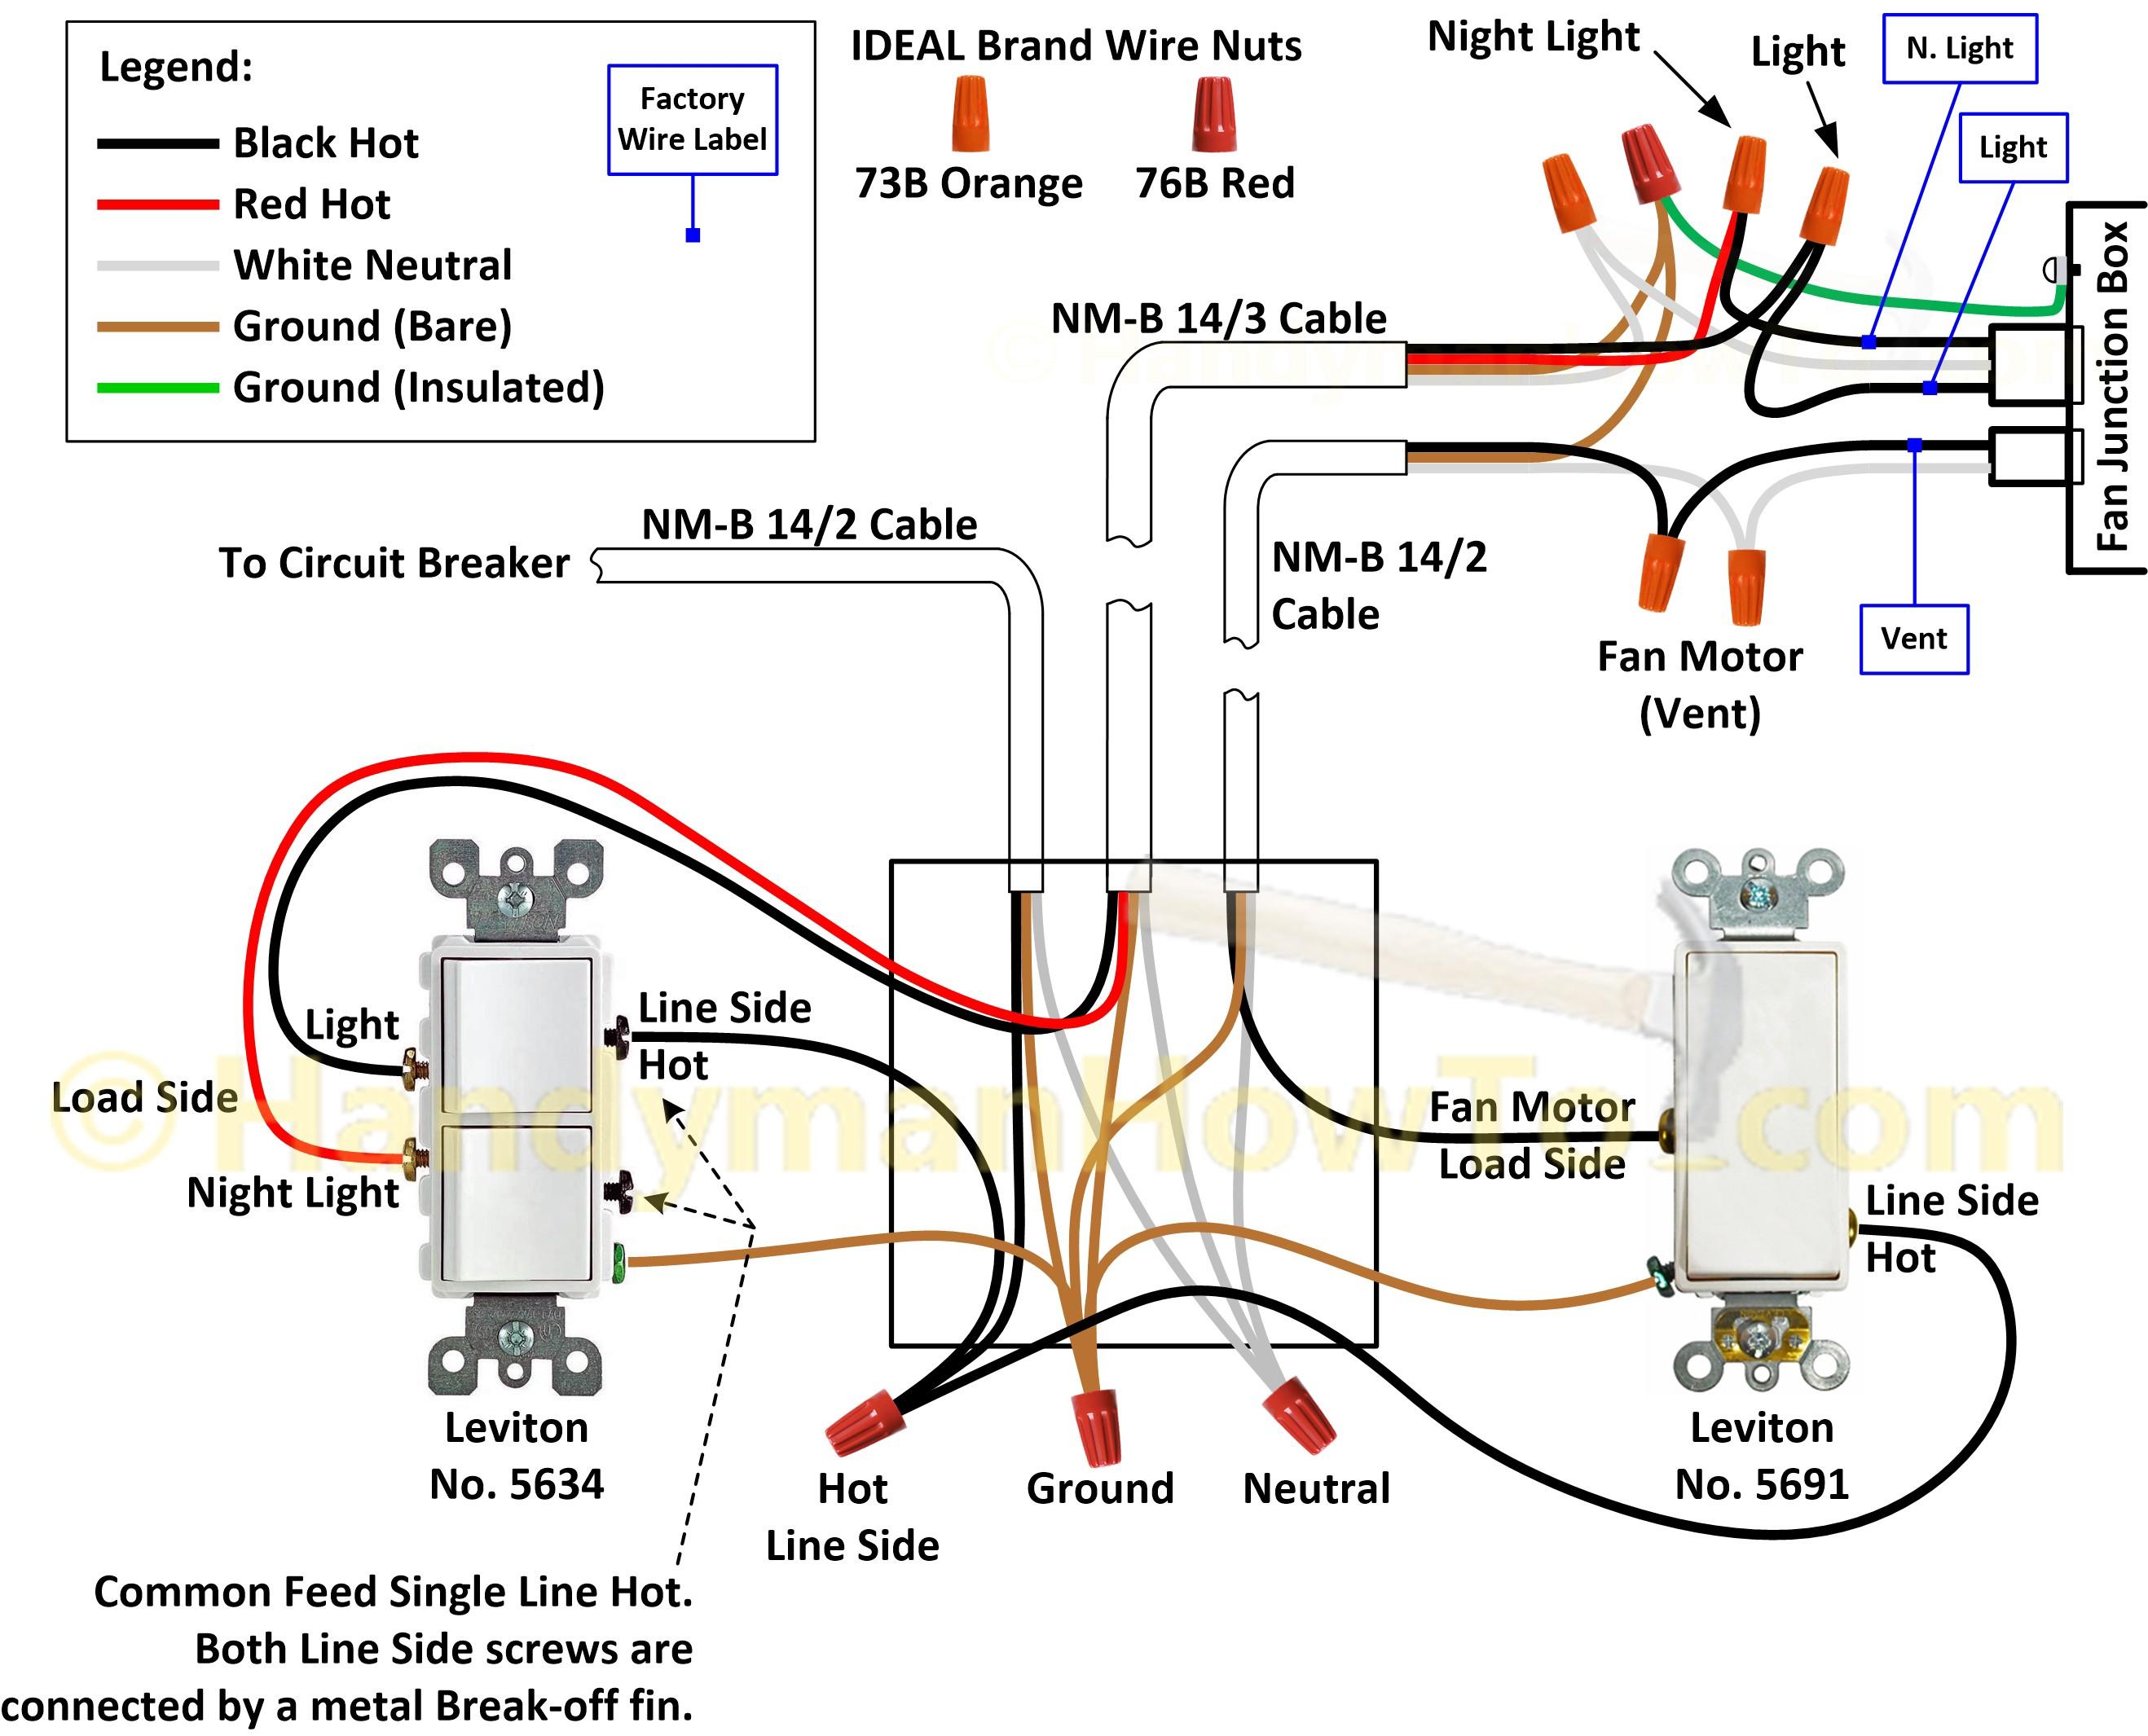 3 Speed Fan Switch Wiring Diagram Ceiling Fan Diagram Wiring Wiring Diagrams Of 3 Speed Fan Switch Wiring Diagram